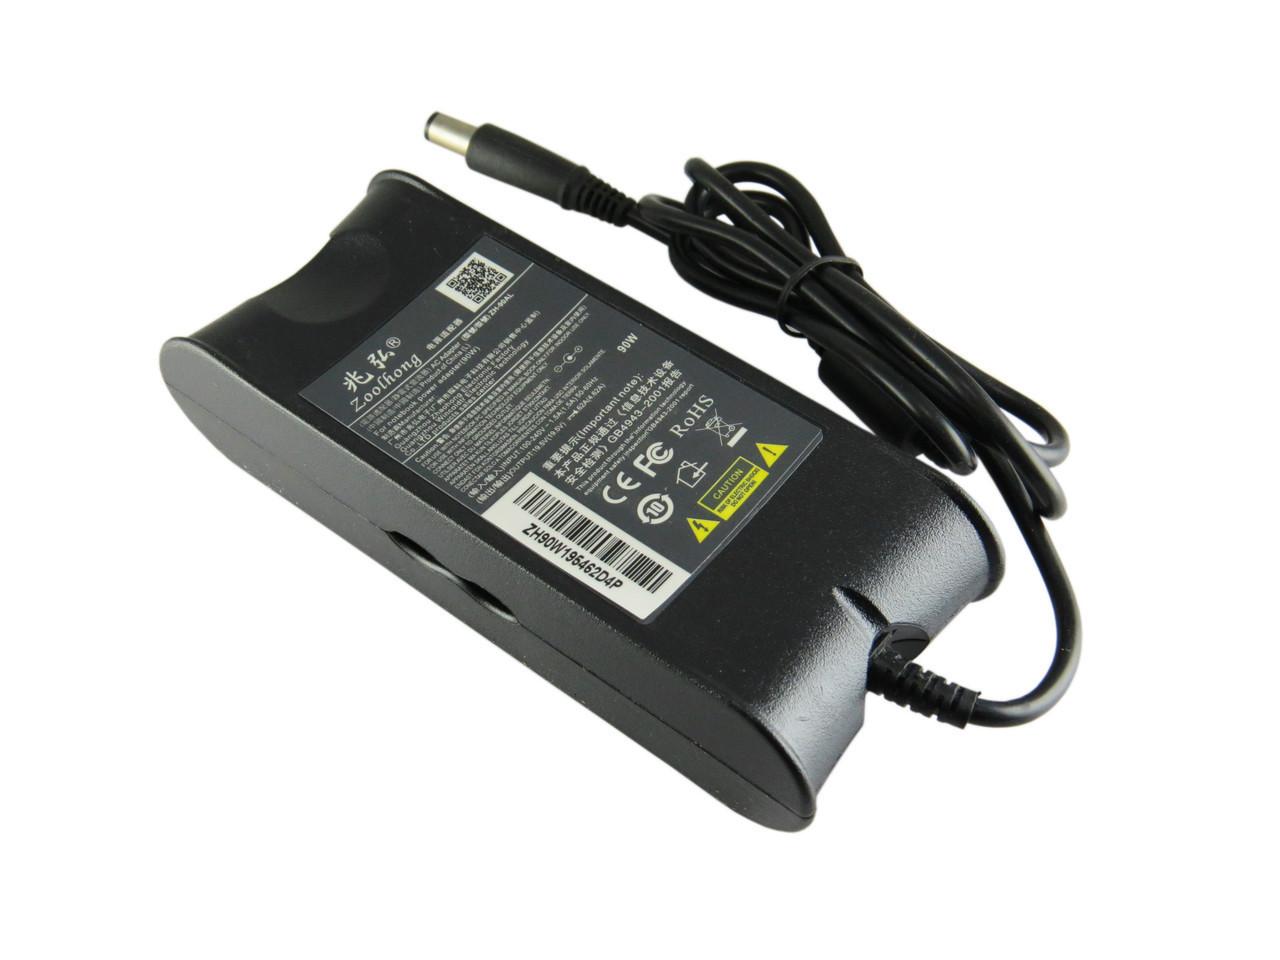 Сетевой адаптер 19.5V 4.62A DELL 7.4*5.0,блок питания, зарядное устройство Распродажа